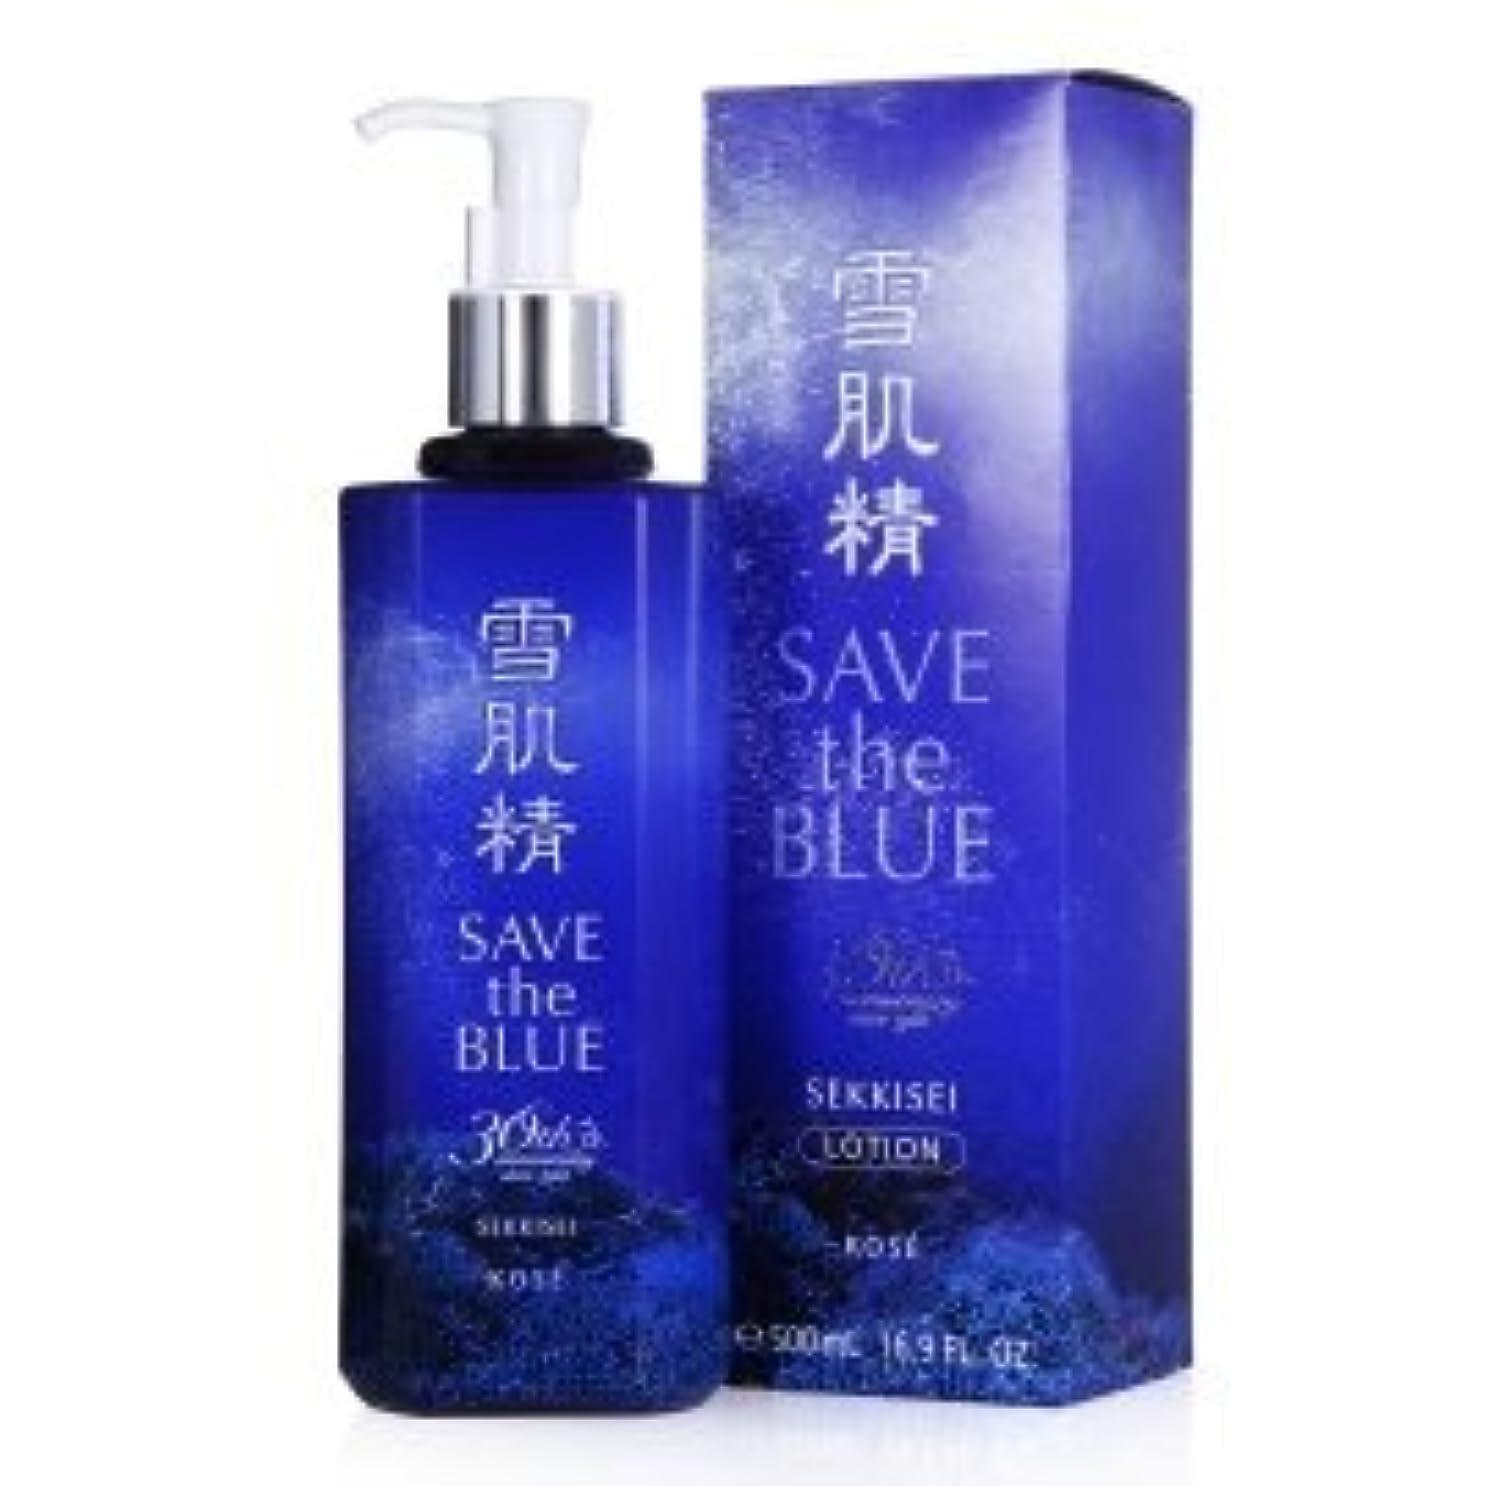 コマンド叙情的なデンマーク語KOSE コーセー 薬用 雪肌精 化粧水 500ml 【SAVE the BLUE】